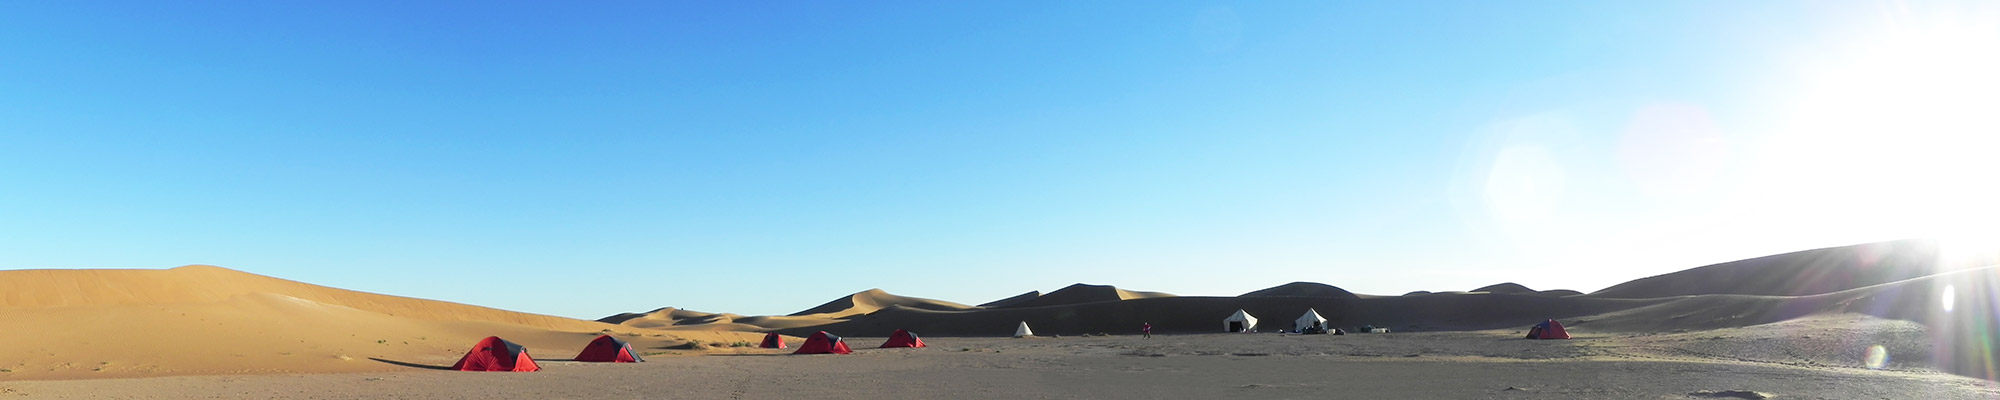 Marokko_Kopf7